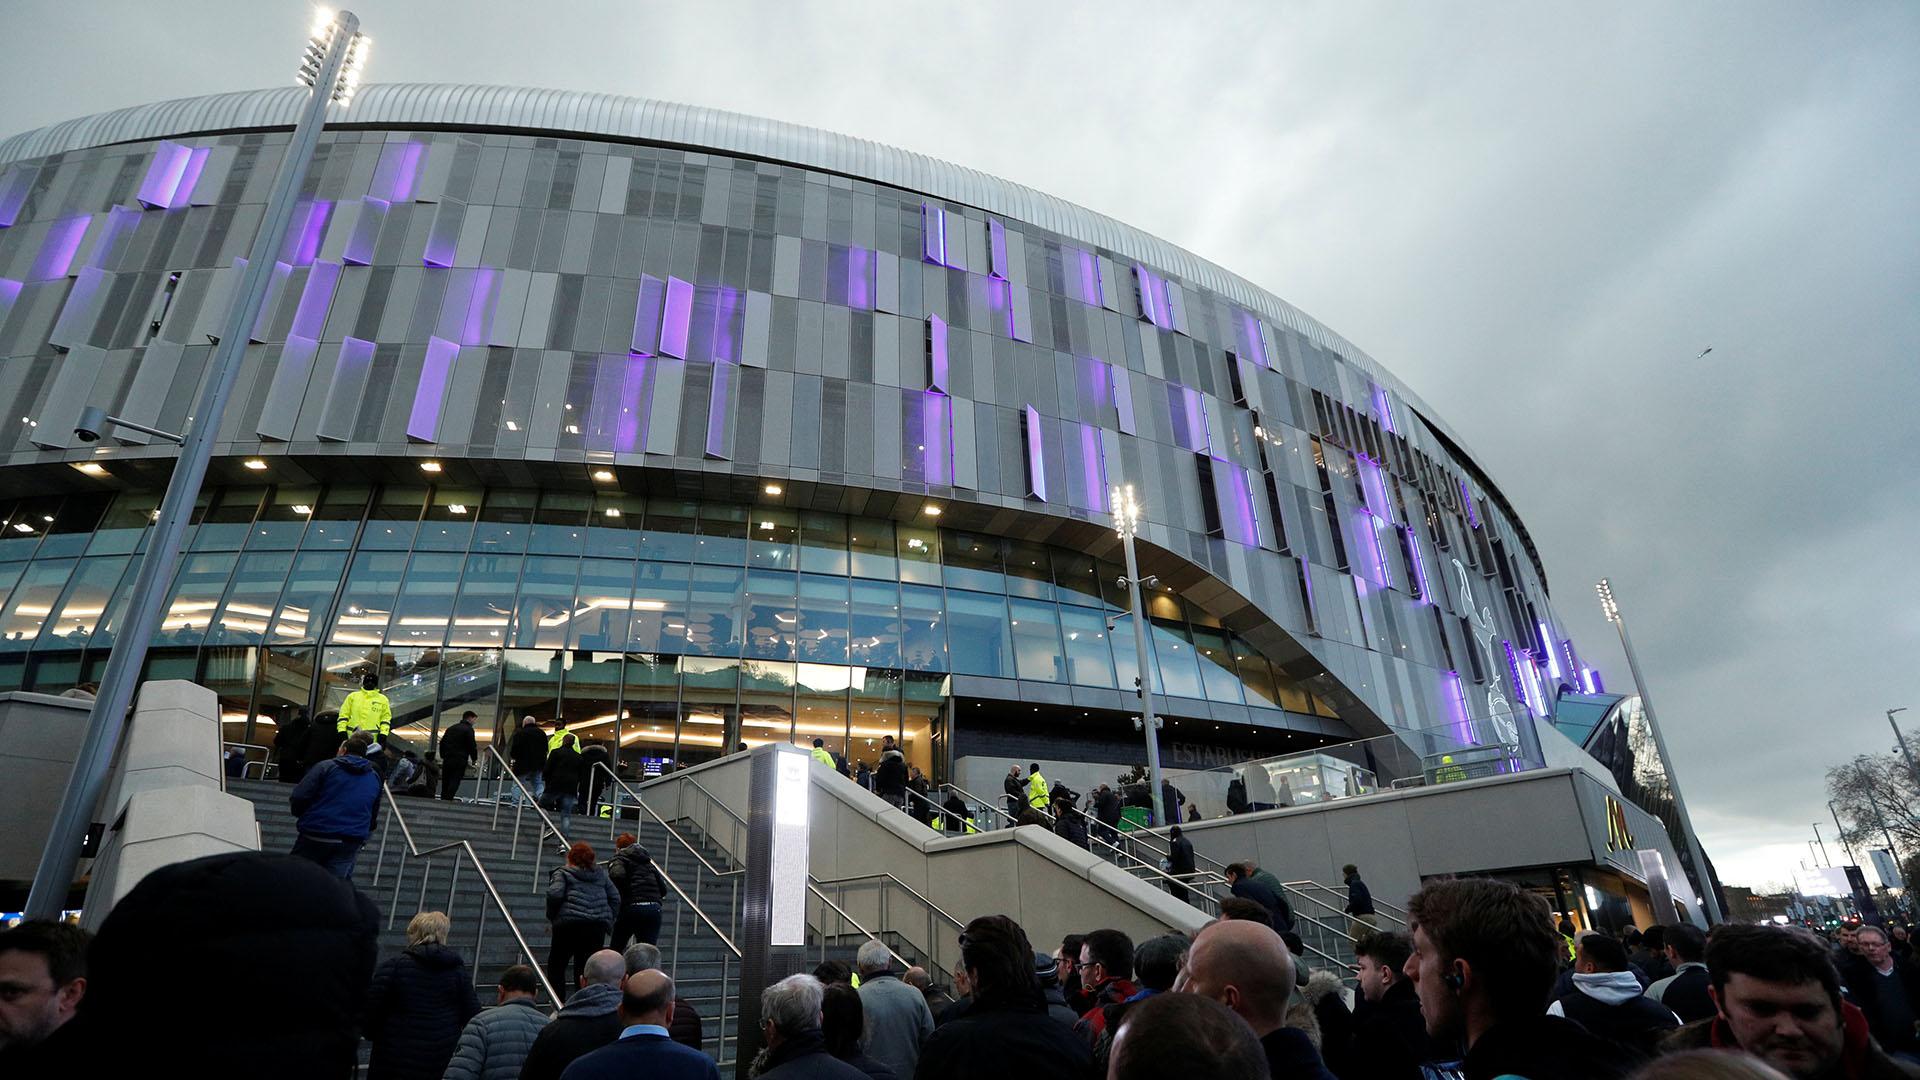 La nueva casa del equipo inglés fue bautizada como Tottenham Hotspor Stadium